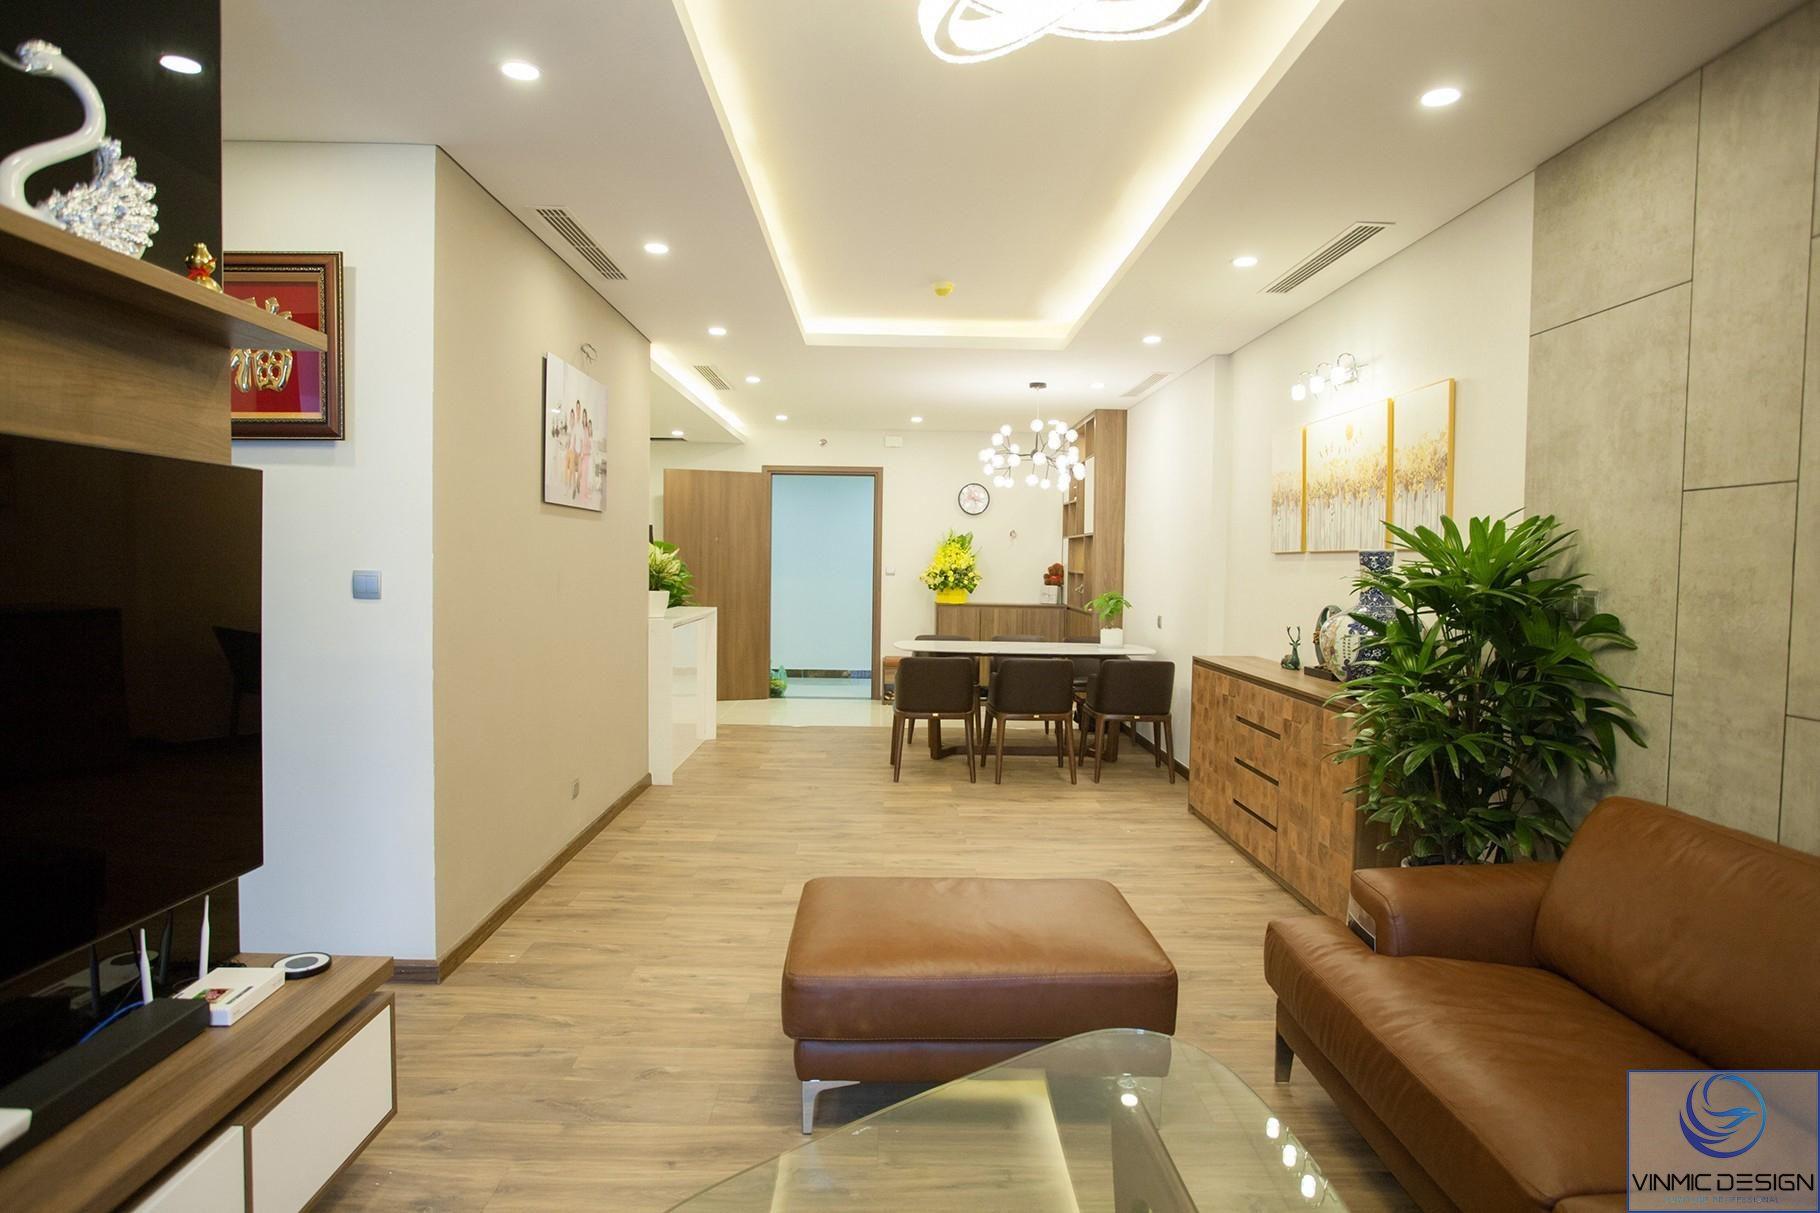 Tổng thể căn hộ được thiết kế đơn giản mà không kém phần sang trọng.